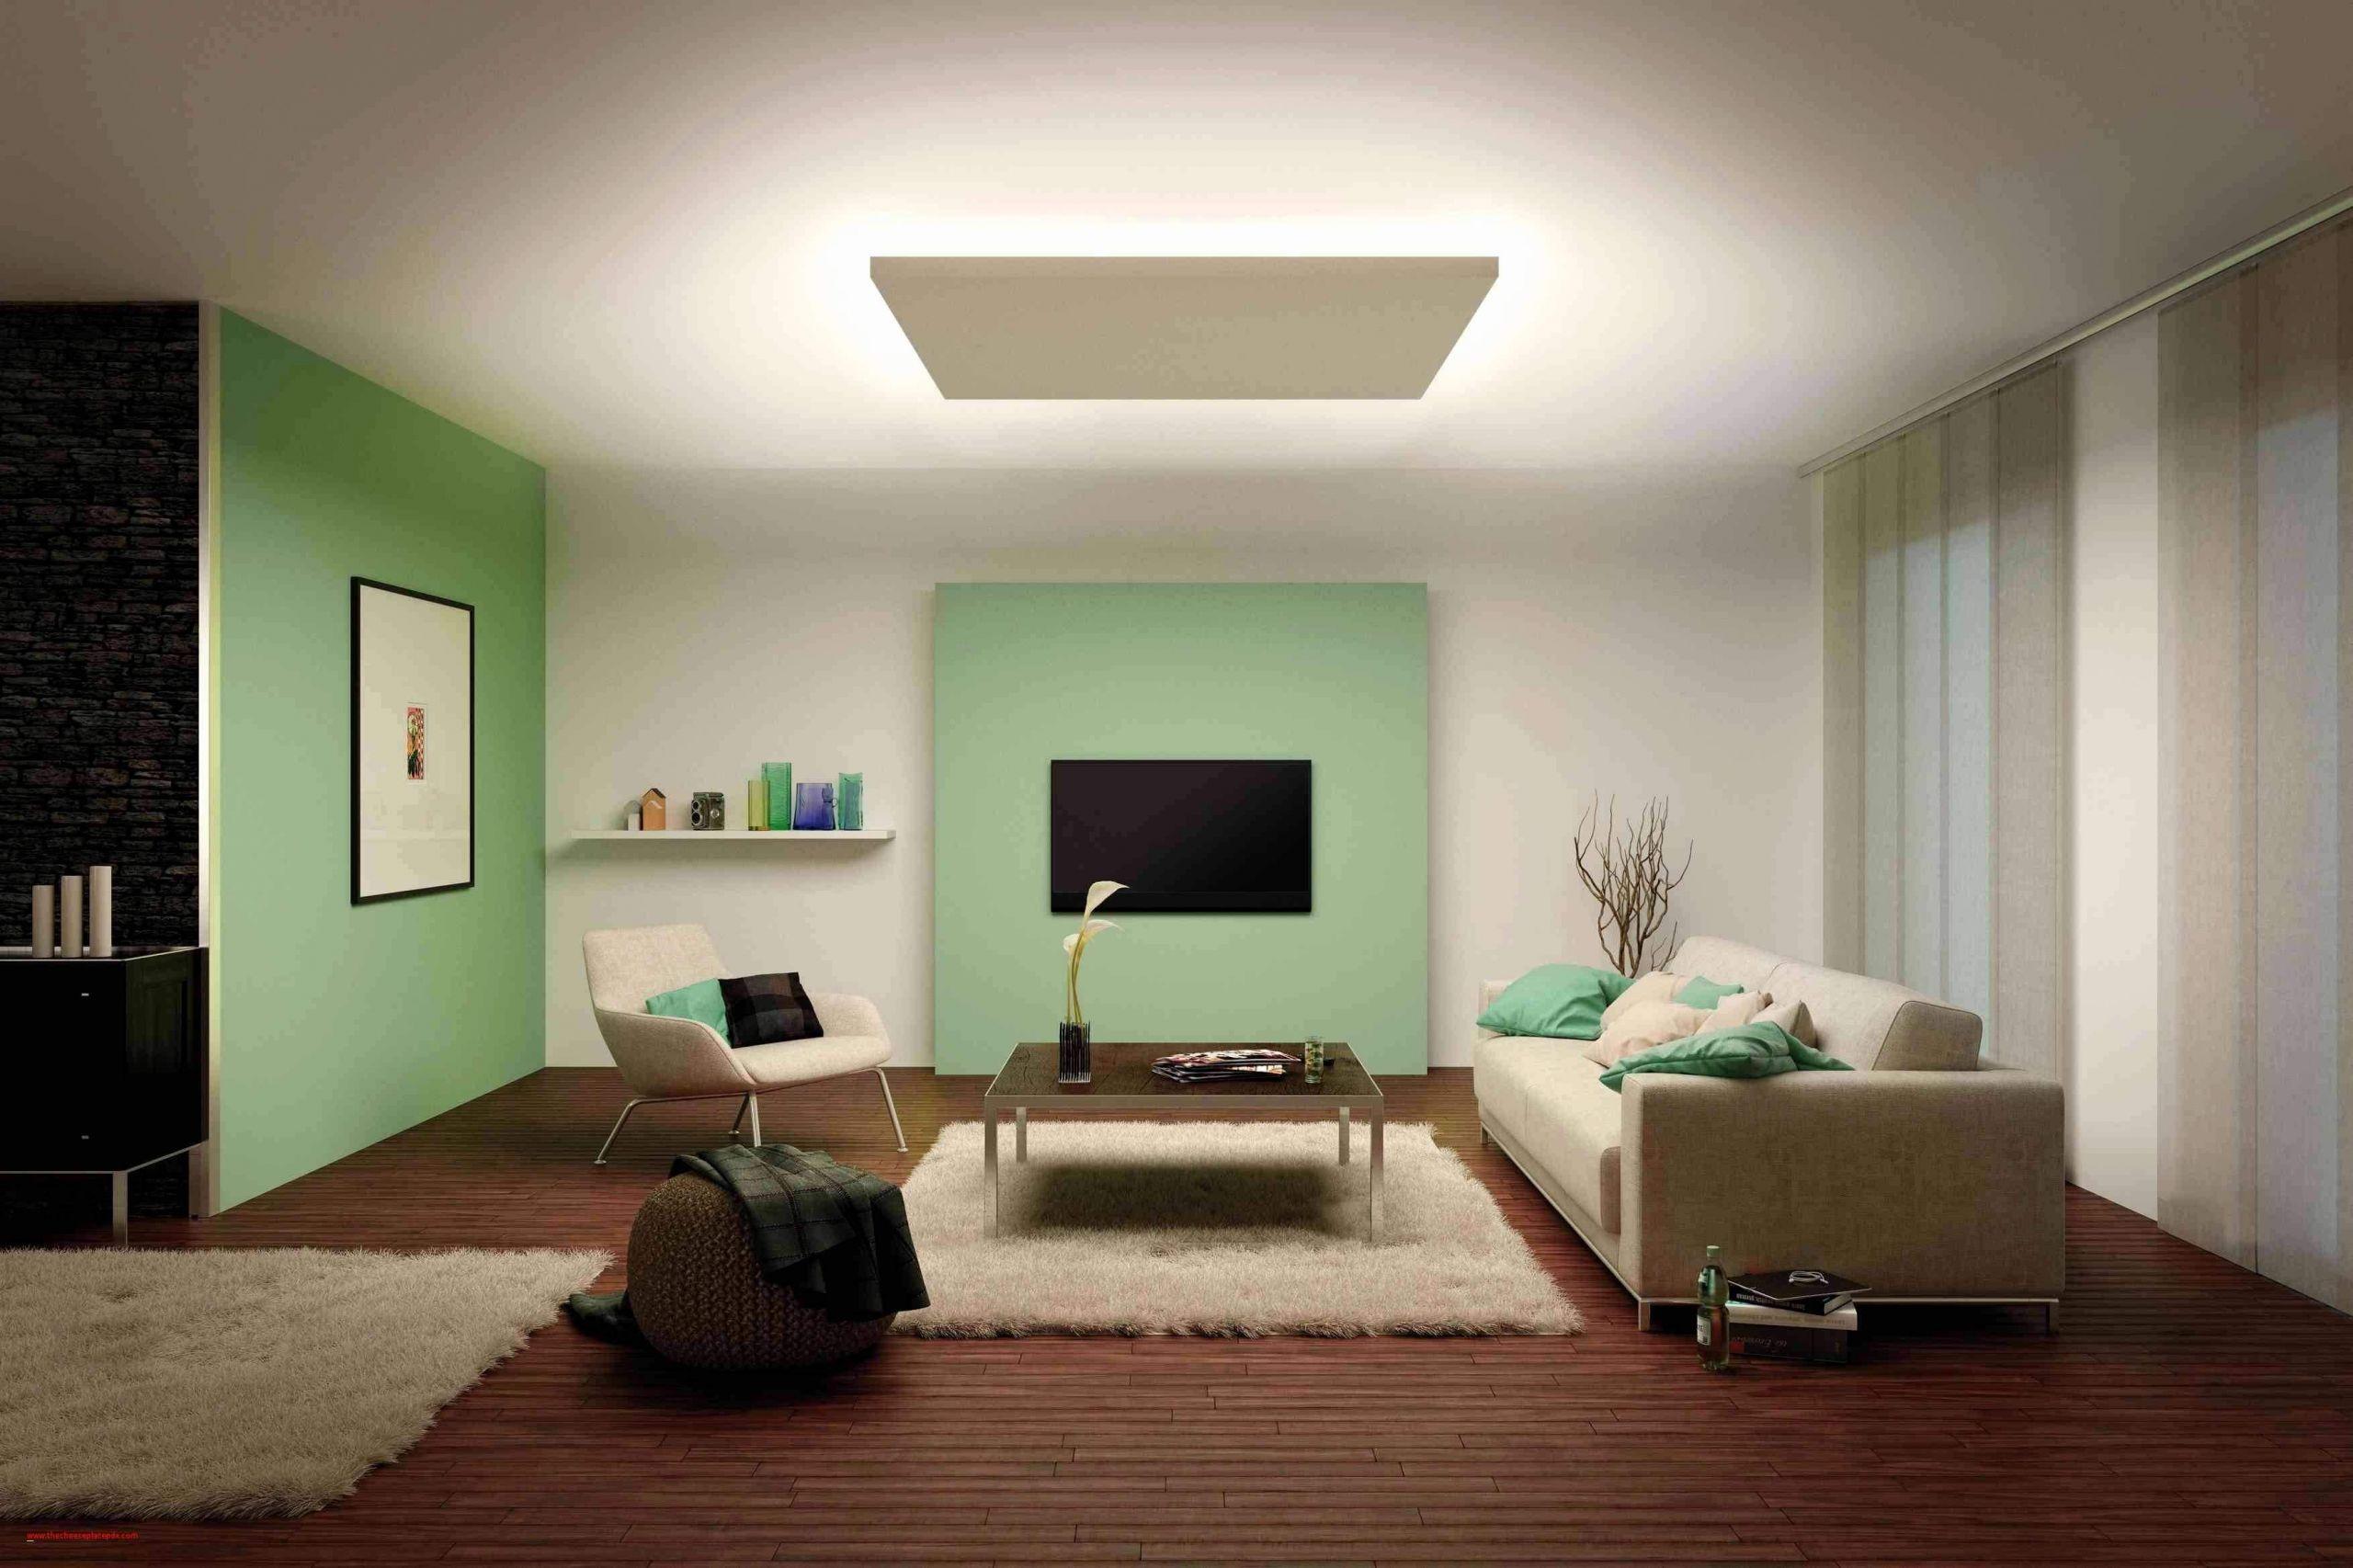 Full Size of Wohnzimmer Lampe Ikea Lampen Von Leuchten Stehend Decke Genial Frisch Luxury Heizkörper Stehlampe Wandtattoo Stehleuchte Modulküche Kommode Deckenlampen Wohnzimmer Wohnzimmer Lampe Ikea